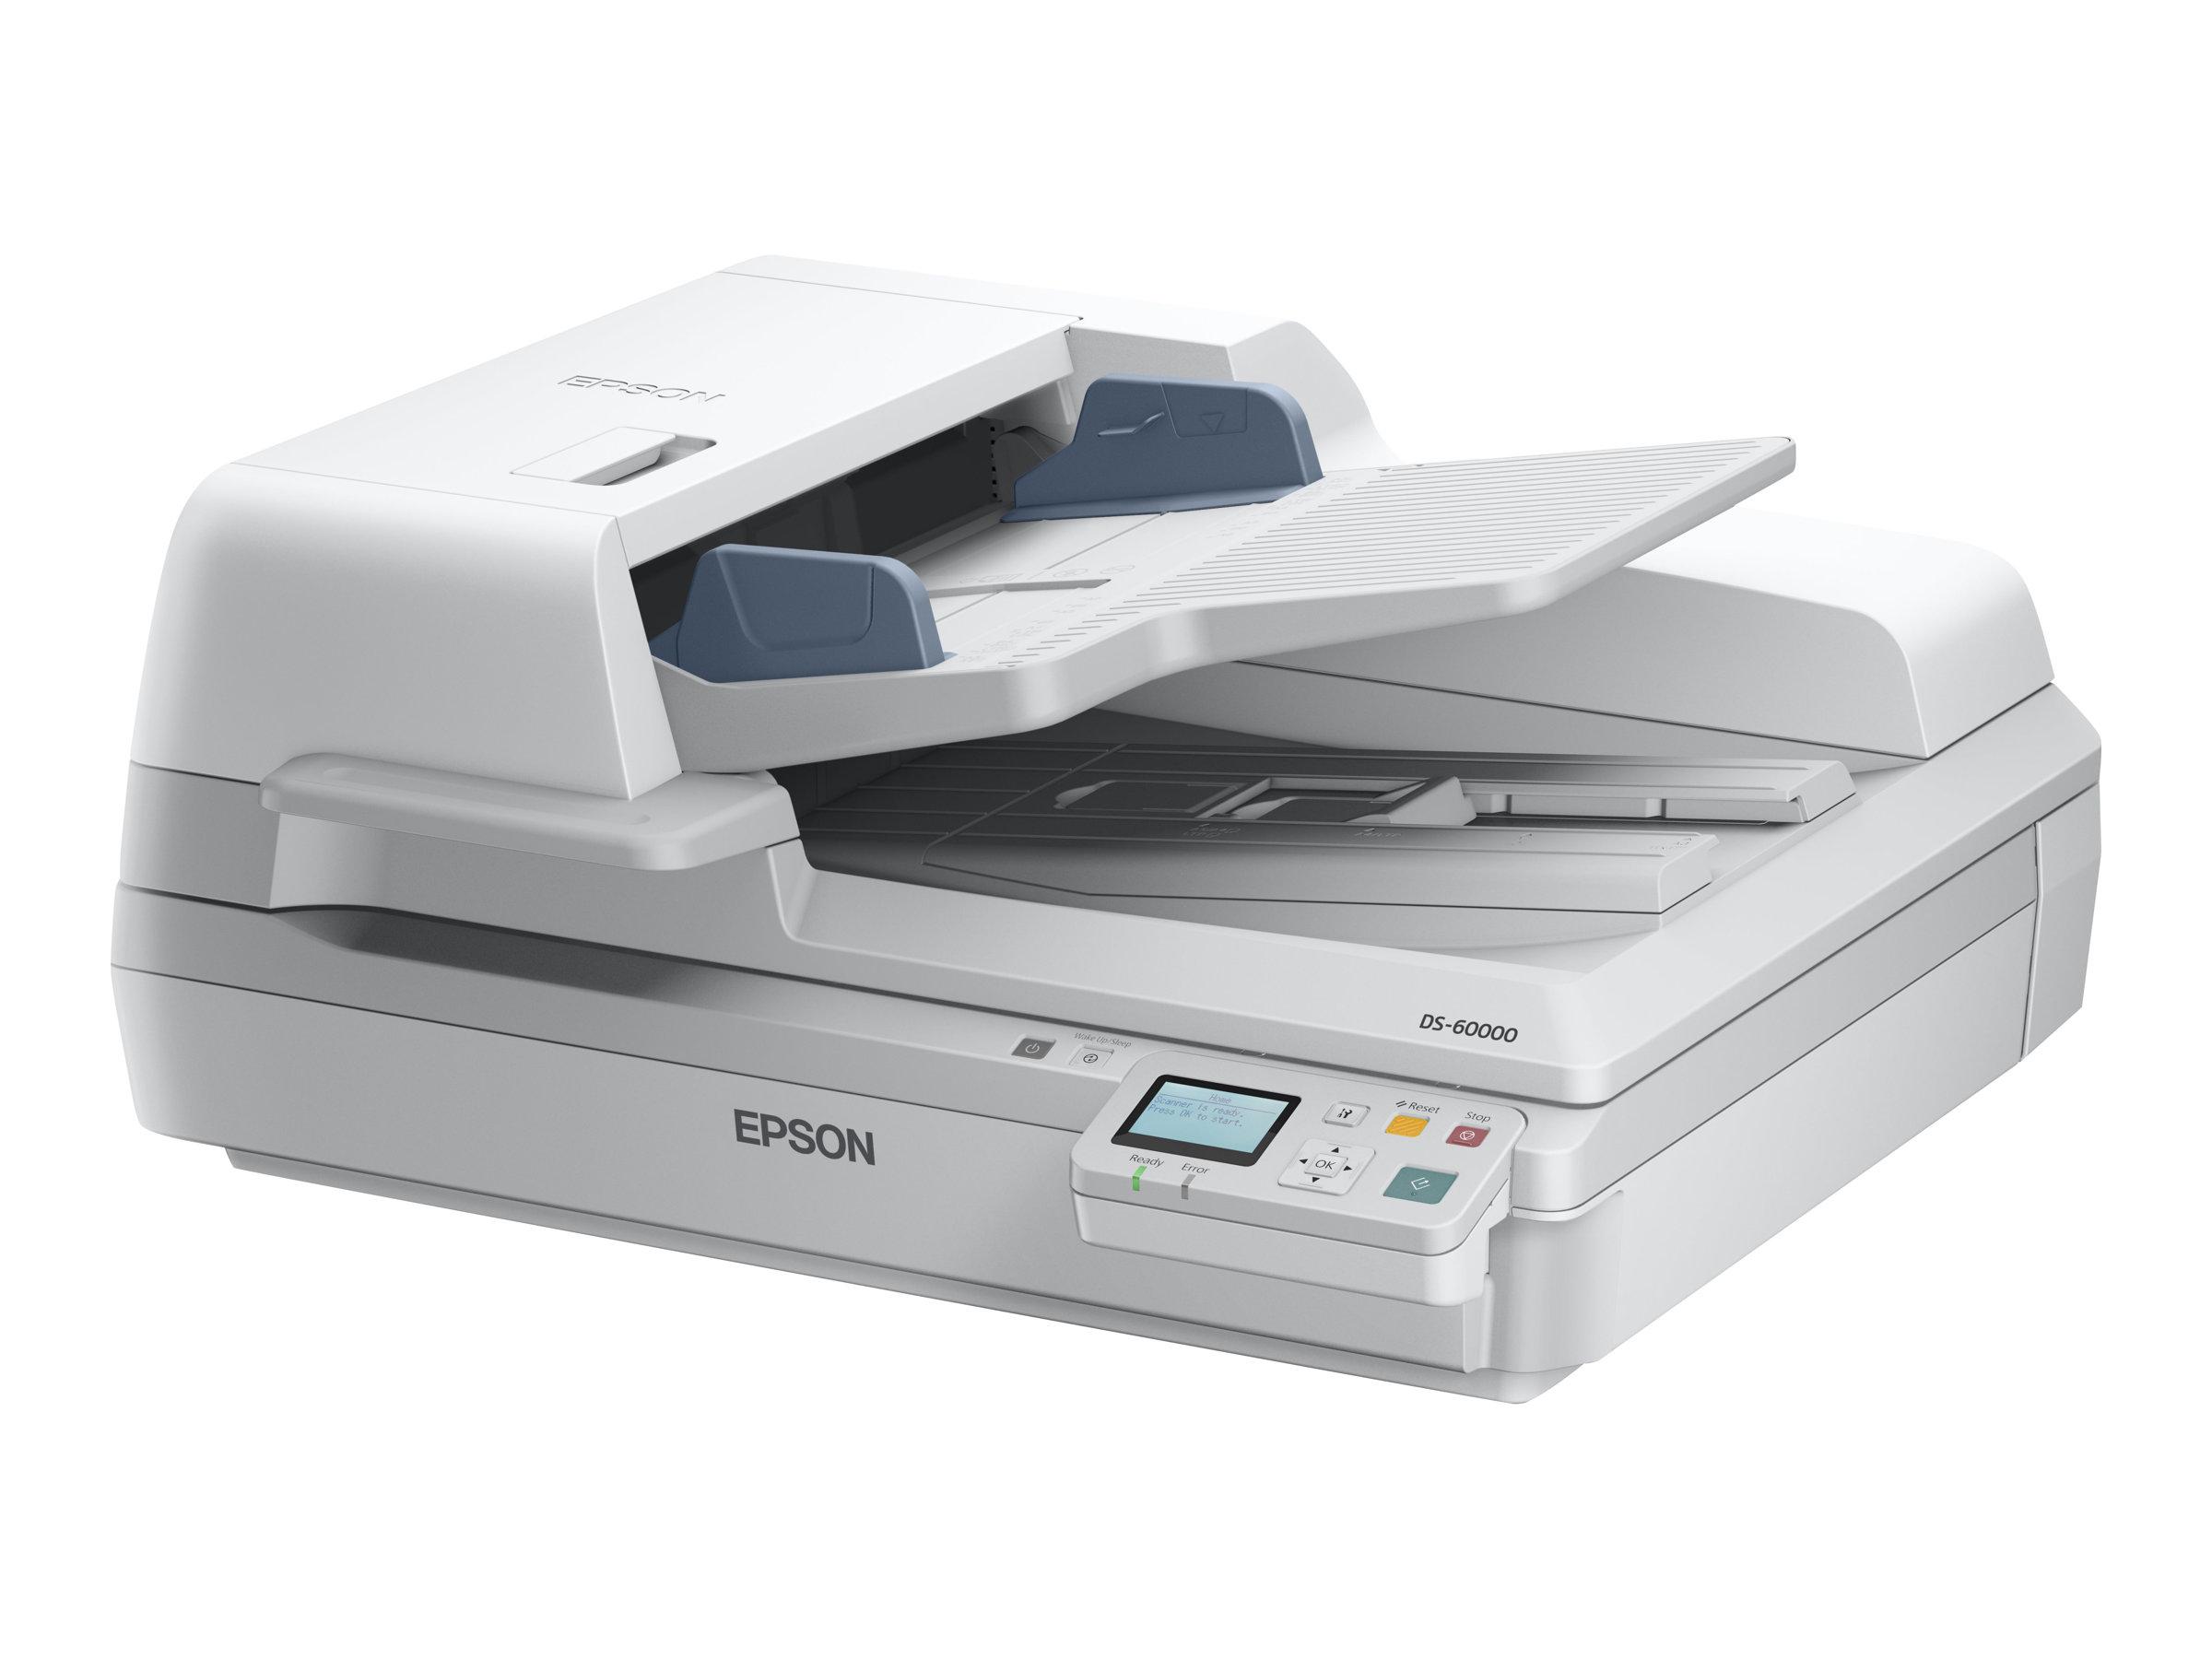 Epson WorkForce DS-60000N - Dokumentenscanner - Duplex - A3 - 600 dpi x 600 dpi - bis zu 40 Seiten/Min. (einfarbig)